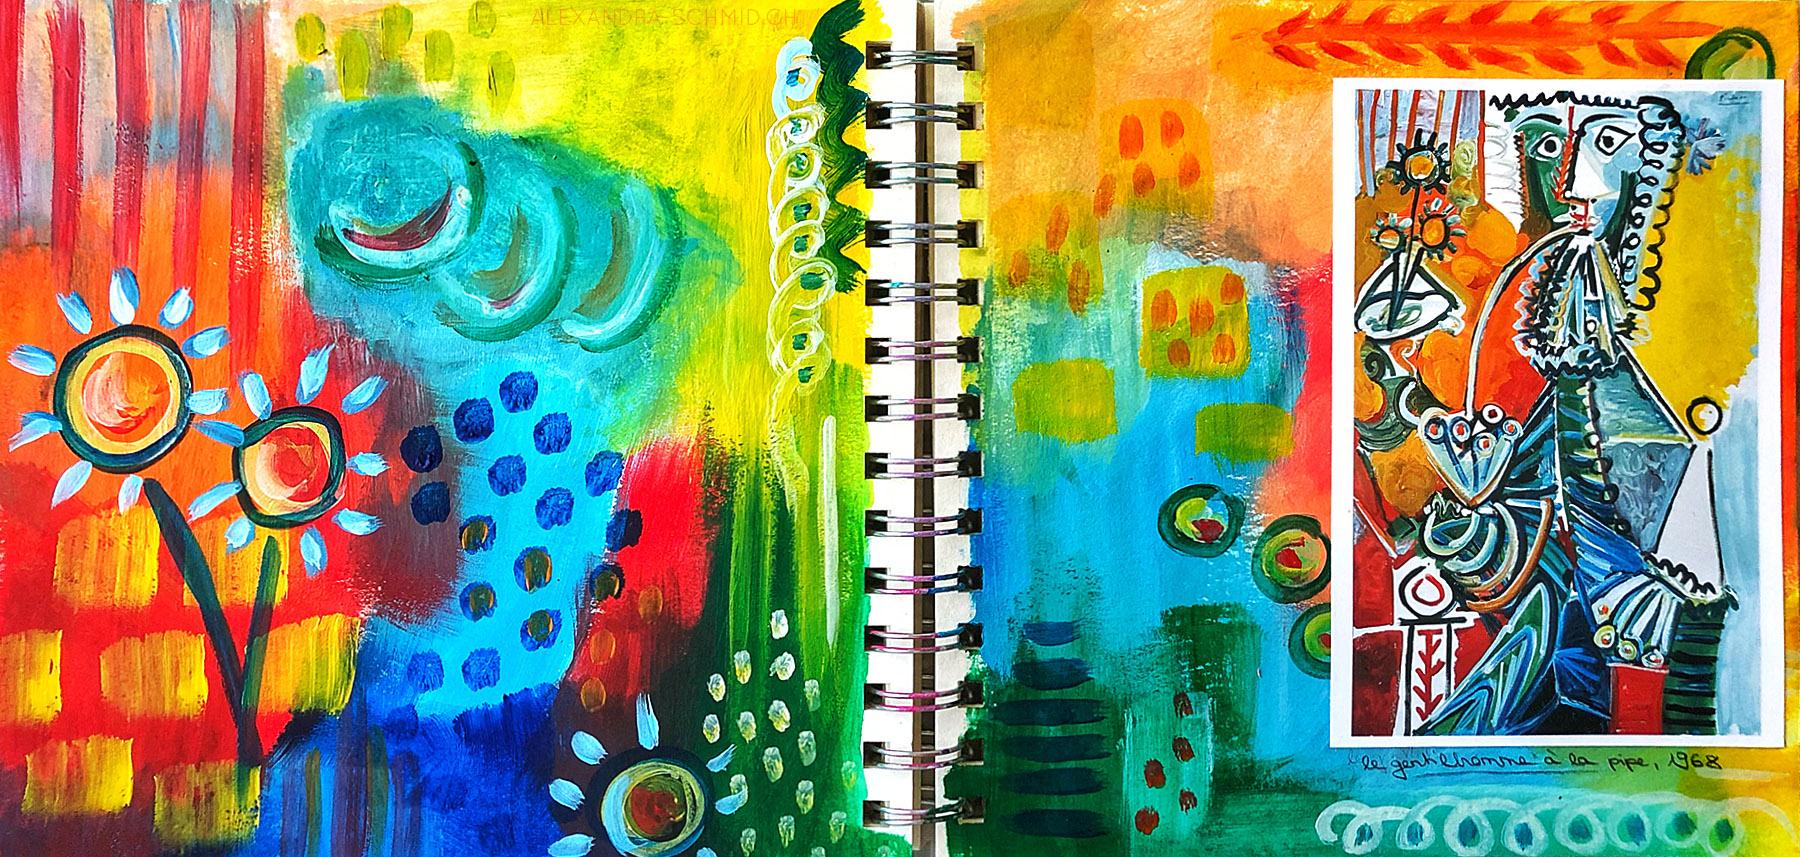 """Inspiriert von """"Le Gentilhomme à la Pipe et Fleurs"""" 1968 (Picasso)"""